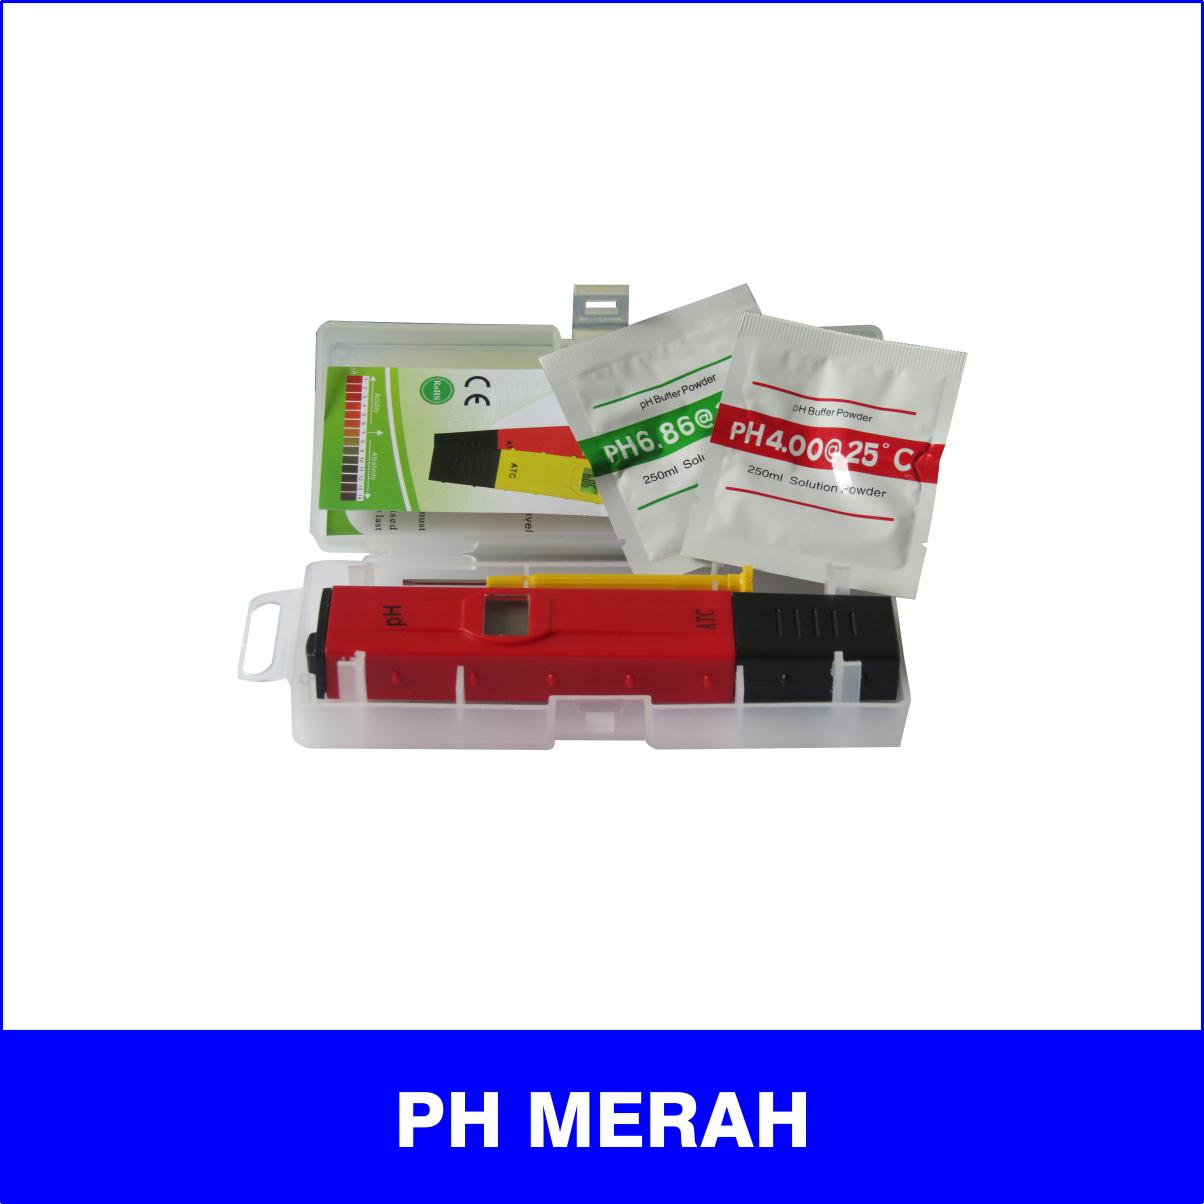 pH Merah